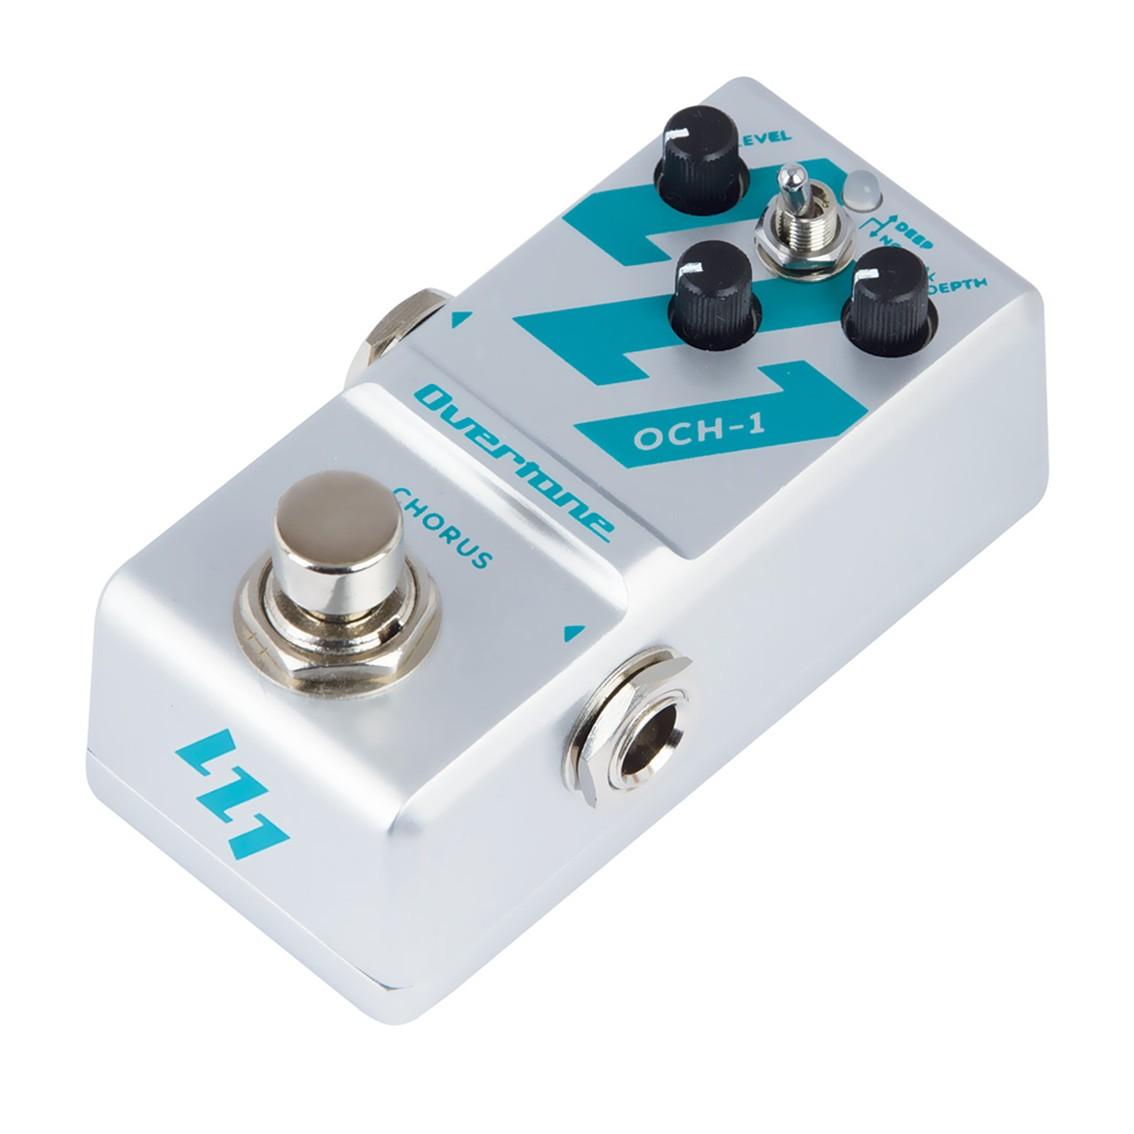 Imagem do produto Pedal Chorus Overtone OCH-1